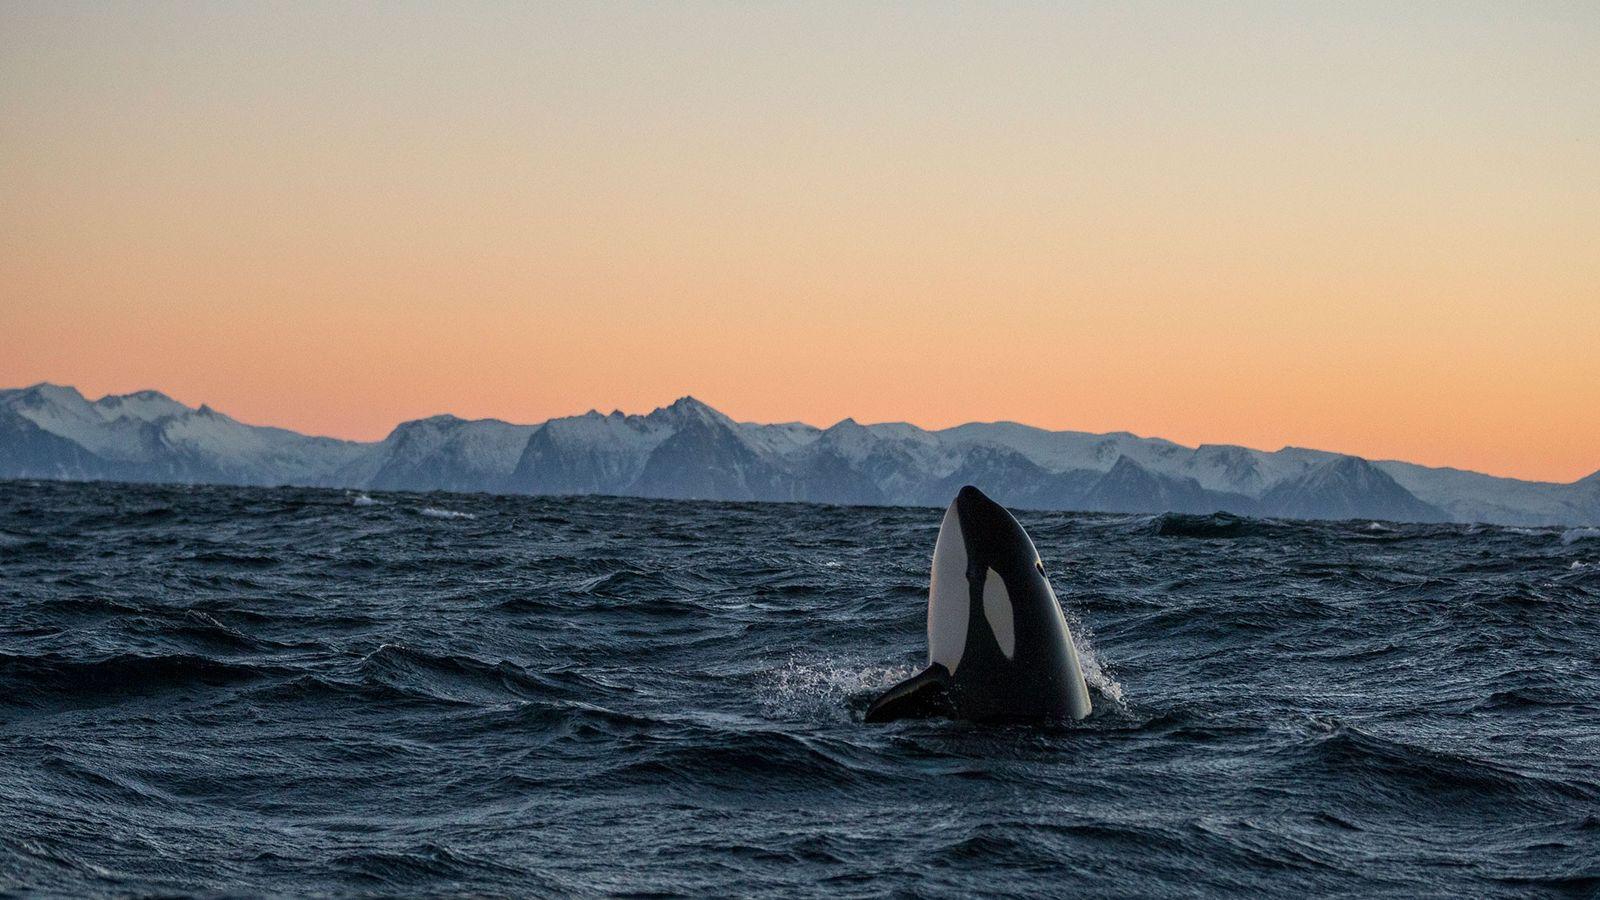 Uma orca emerge à superfície da água.